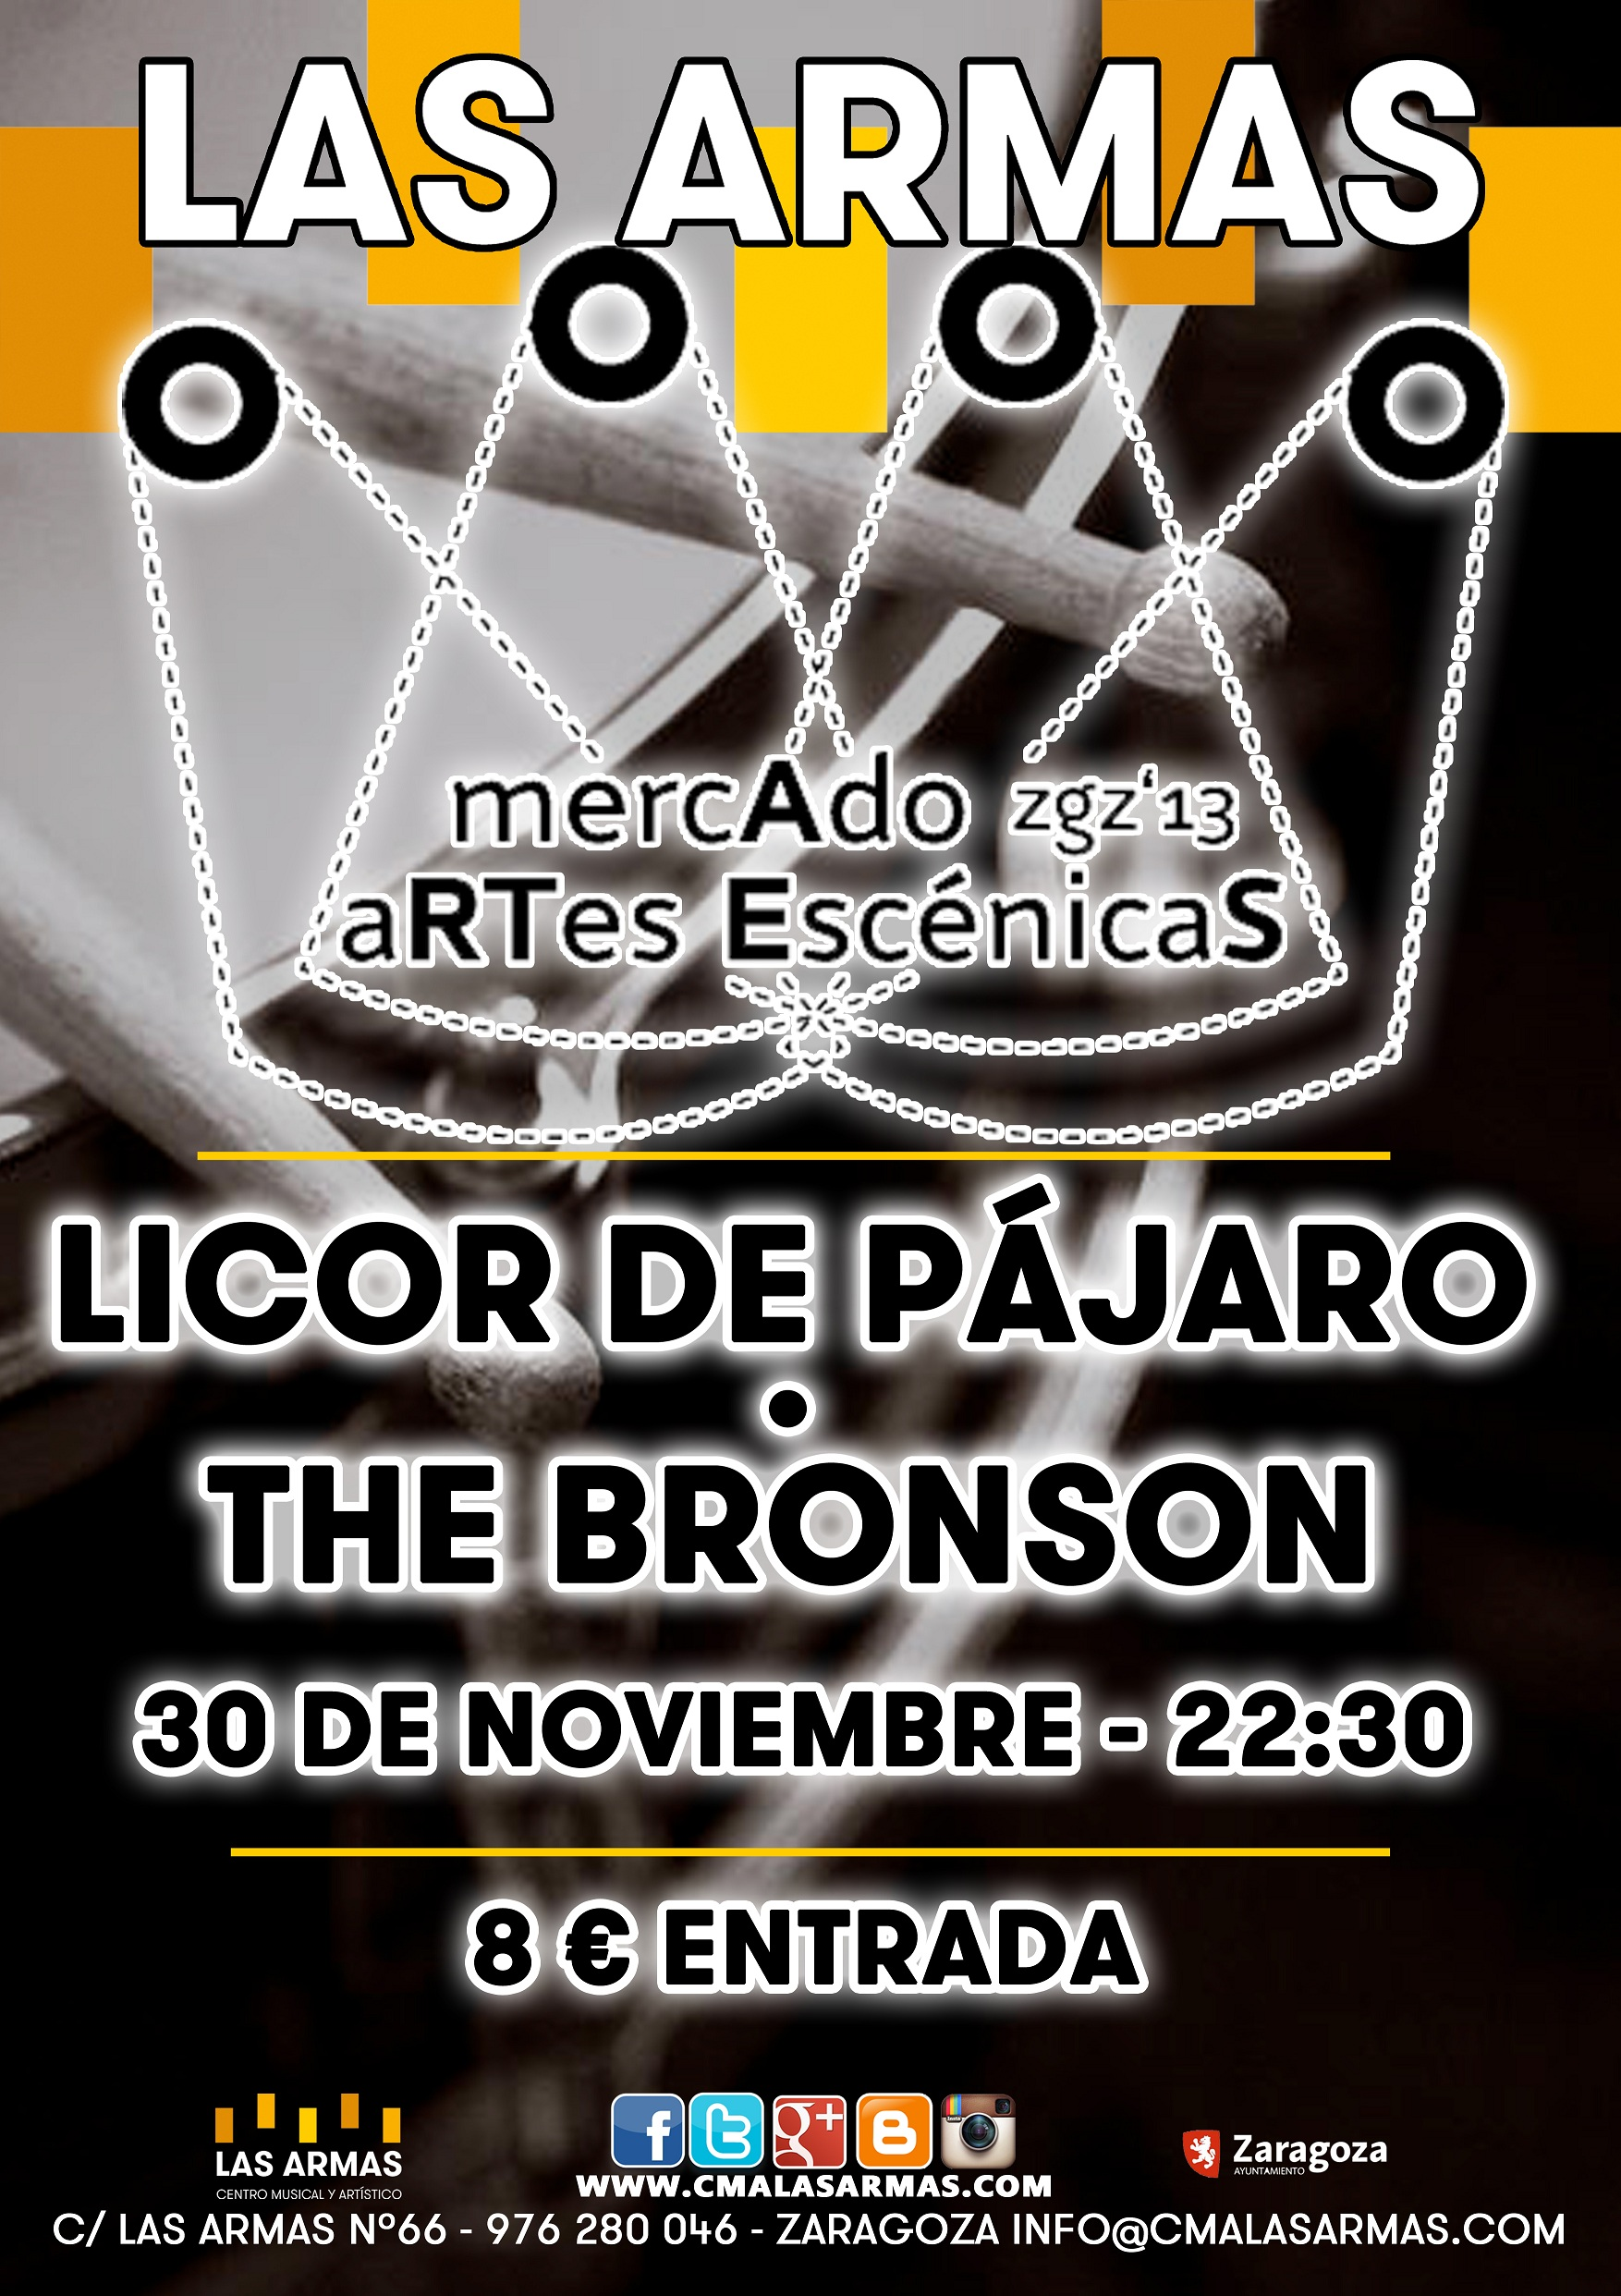 CARTEL LICOR DE PAJARO + BRONSON zgz conciertos